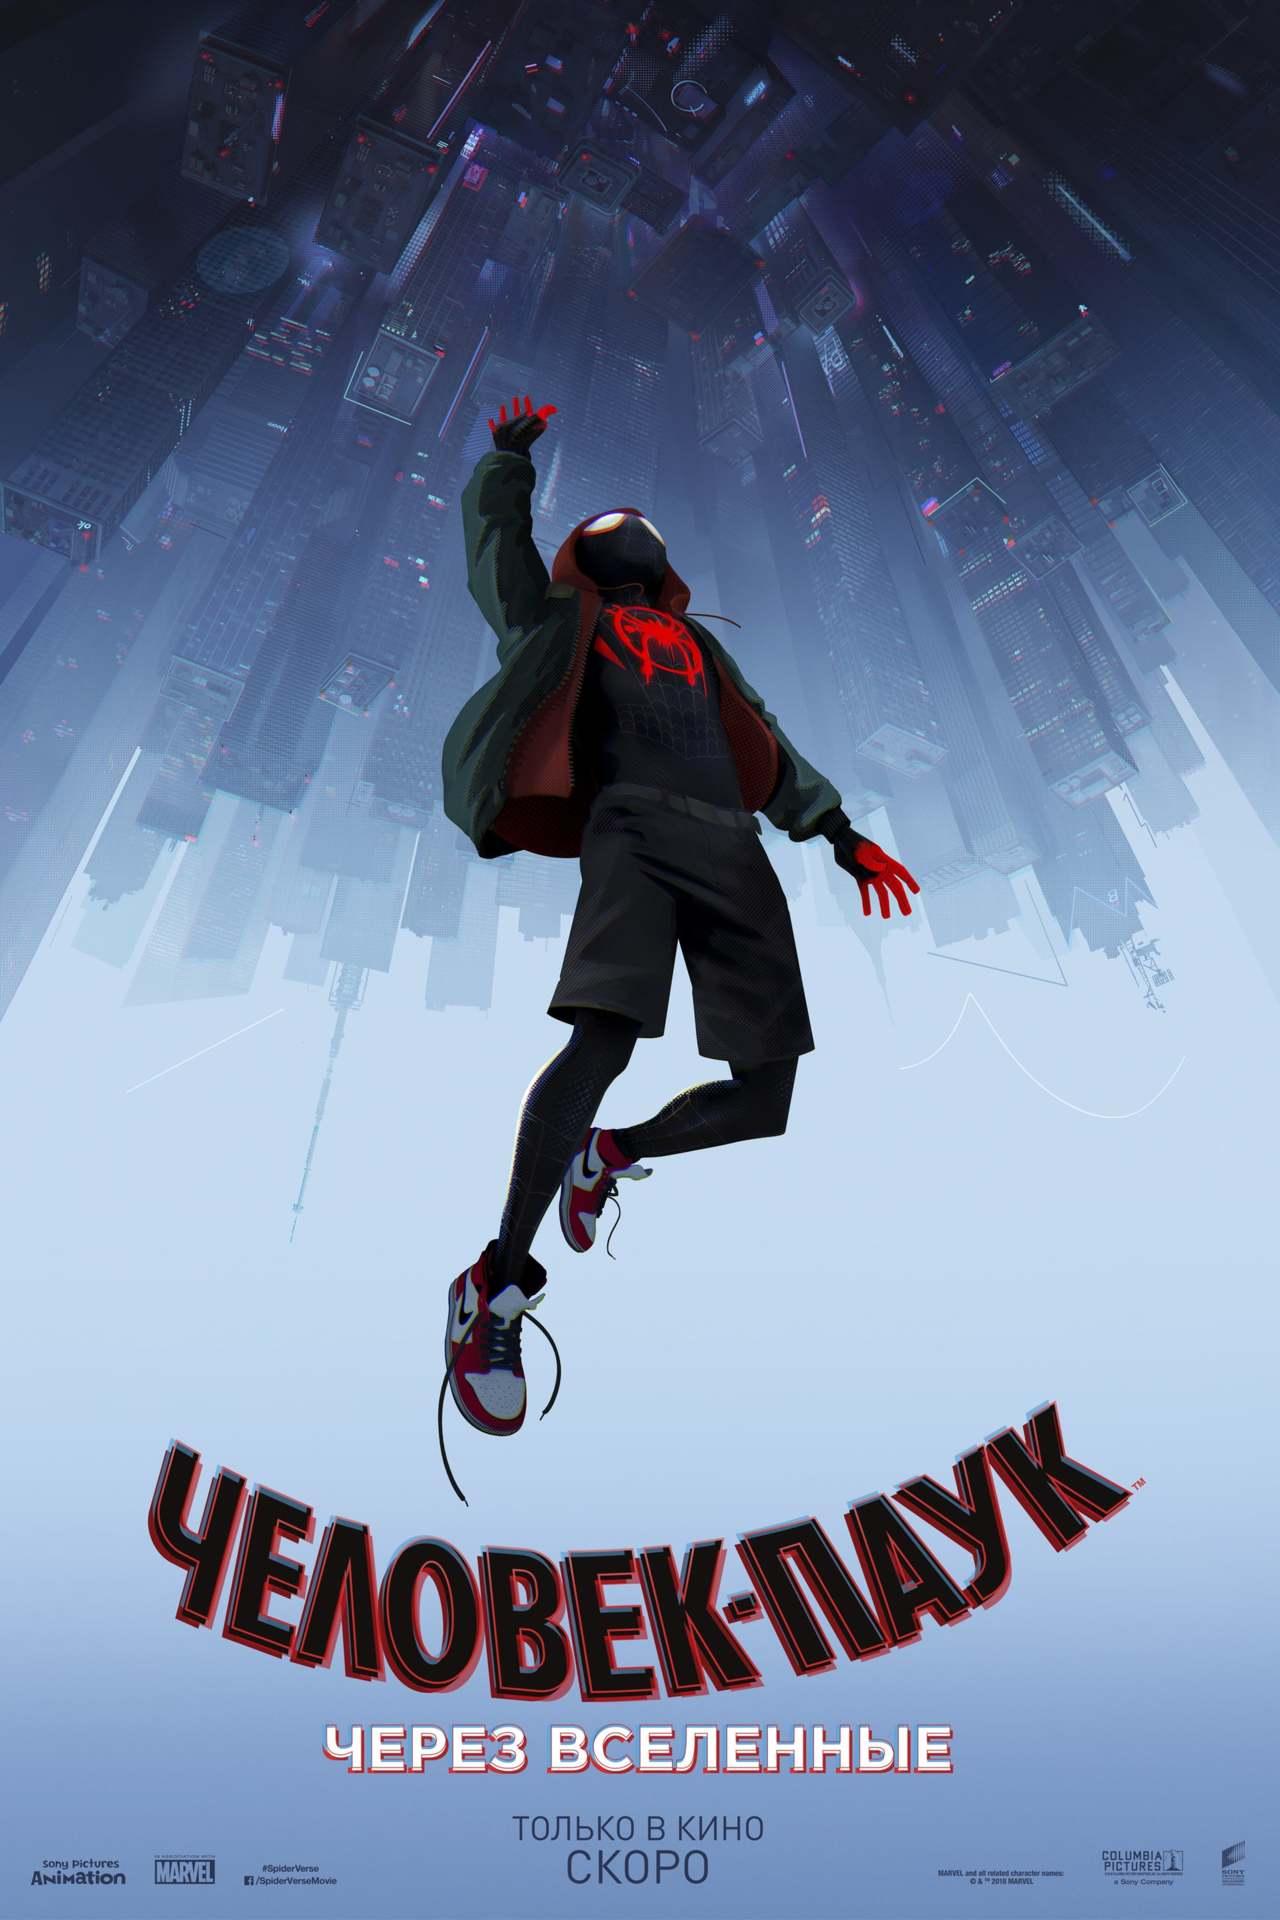 Постер фильма Человек-паук: Через вселенные Spider-Man: Into the Spider-Verse 2018